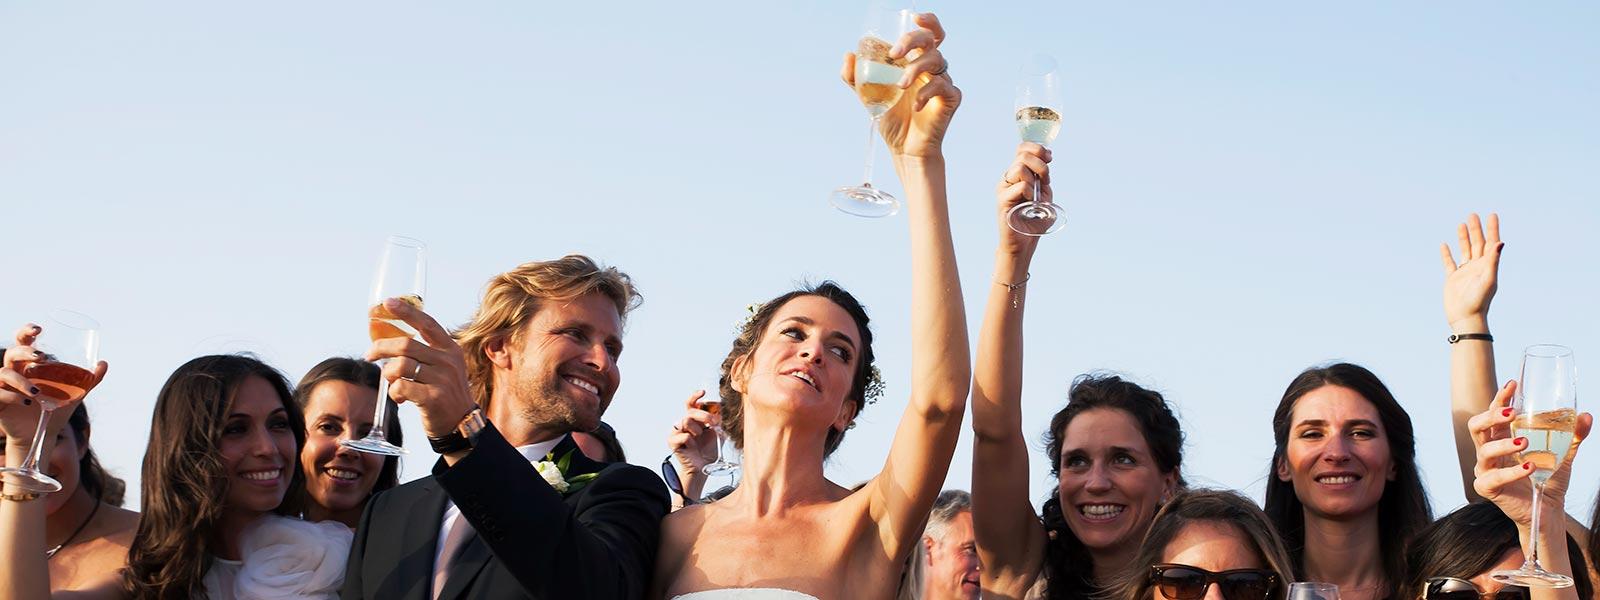 Photographe de mariage Marc lucascio